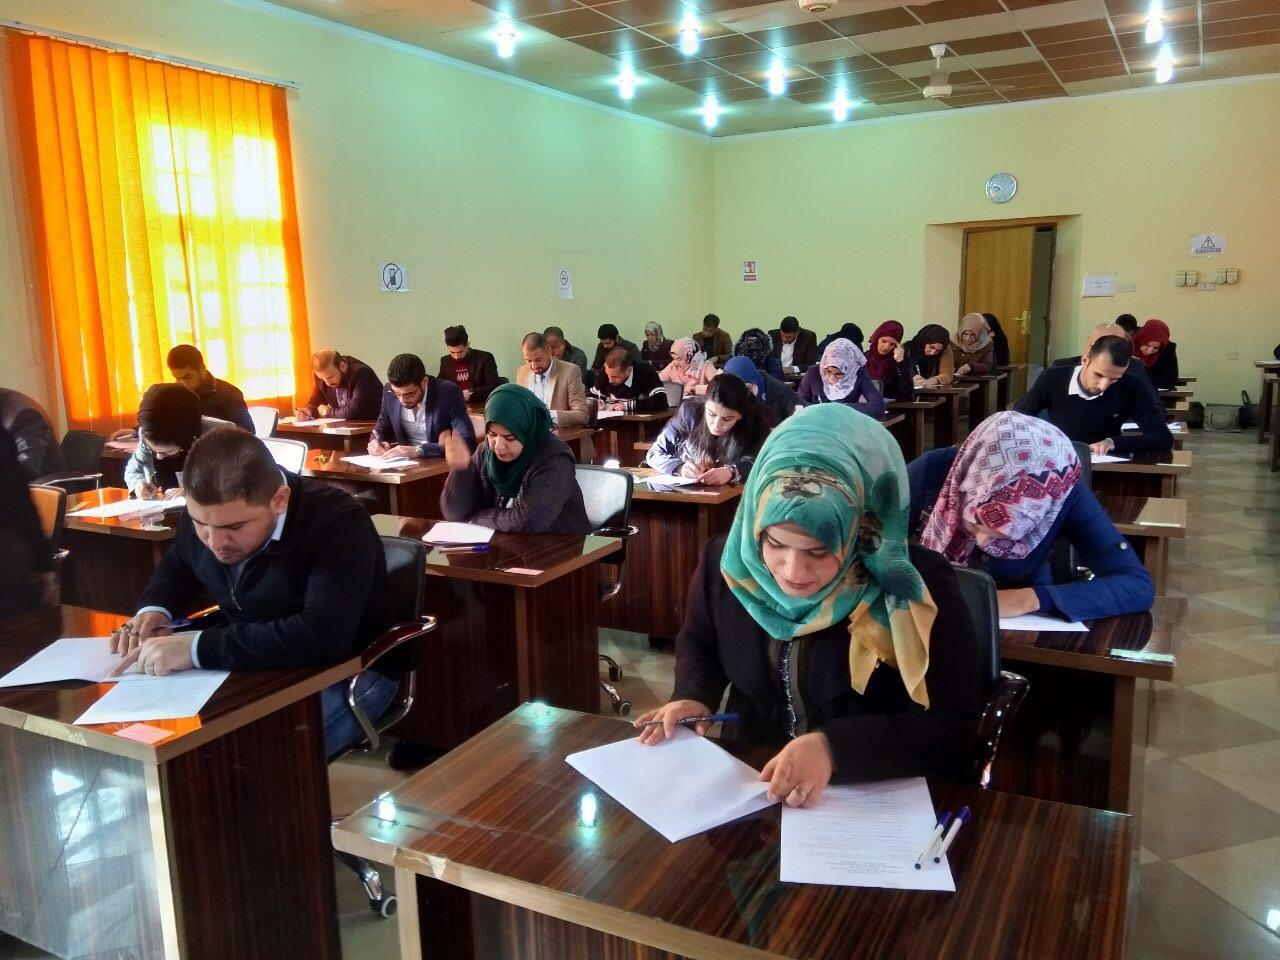 كلية التمريض تباشر بالامتحانات النهائية للفصل الدراسي الاول للعامالدراسي 2018- 2019